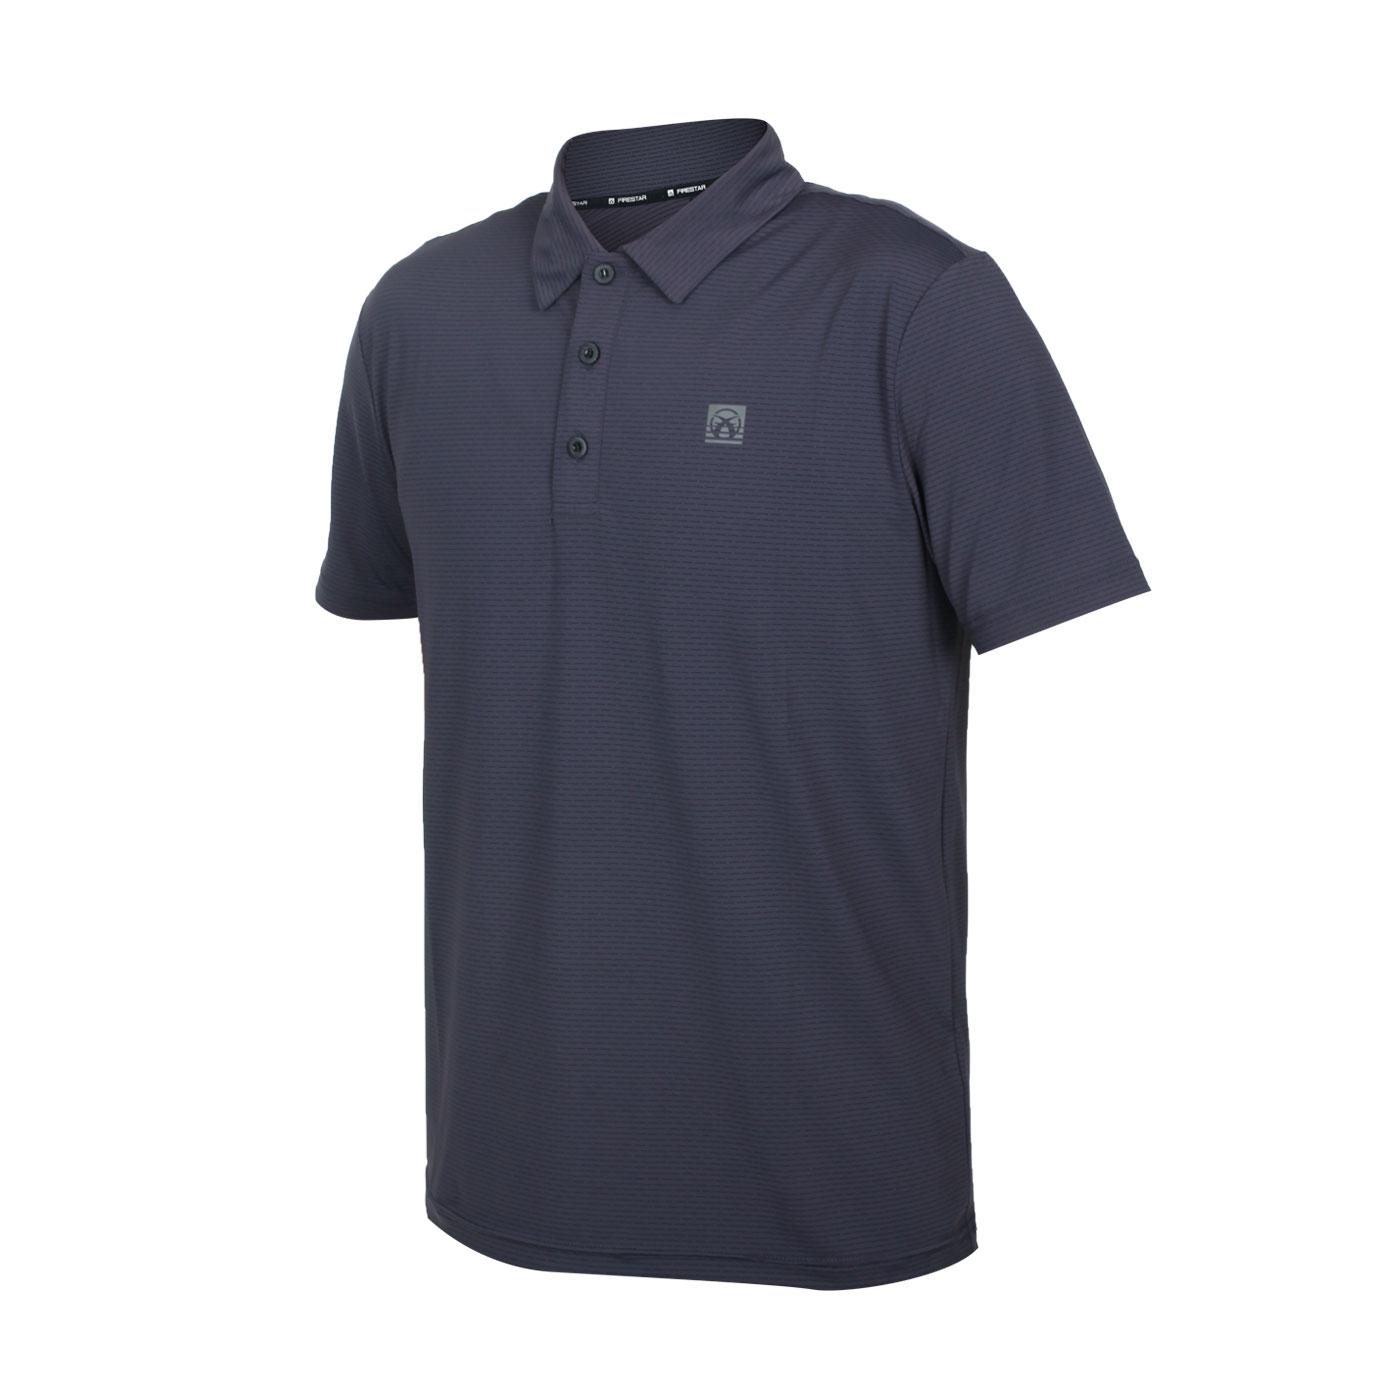 FIRESTAR 男款彈性機能短袖POLO衫 D1751-15